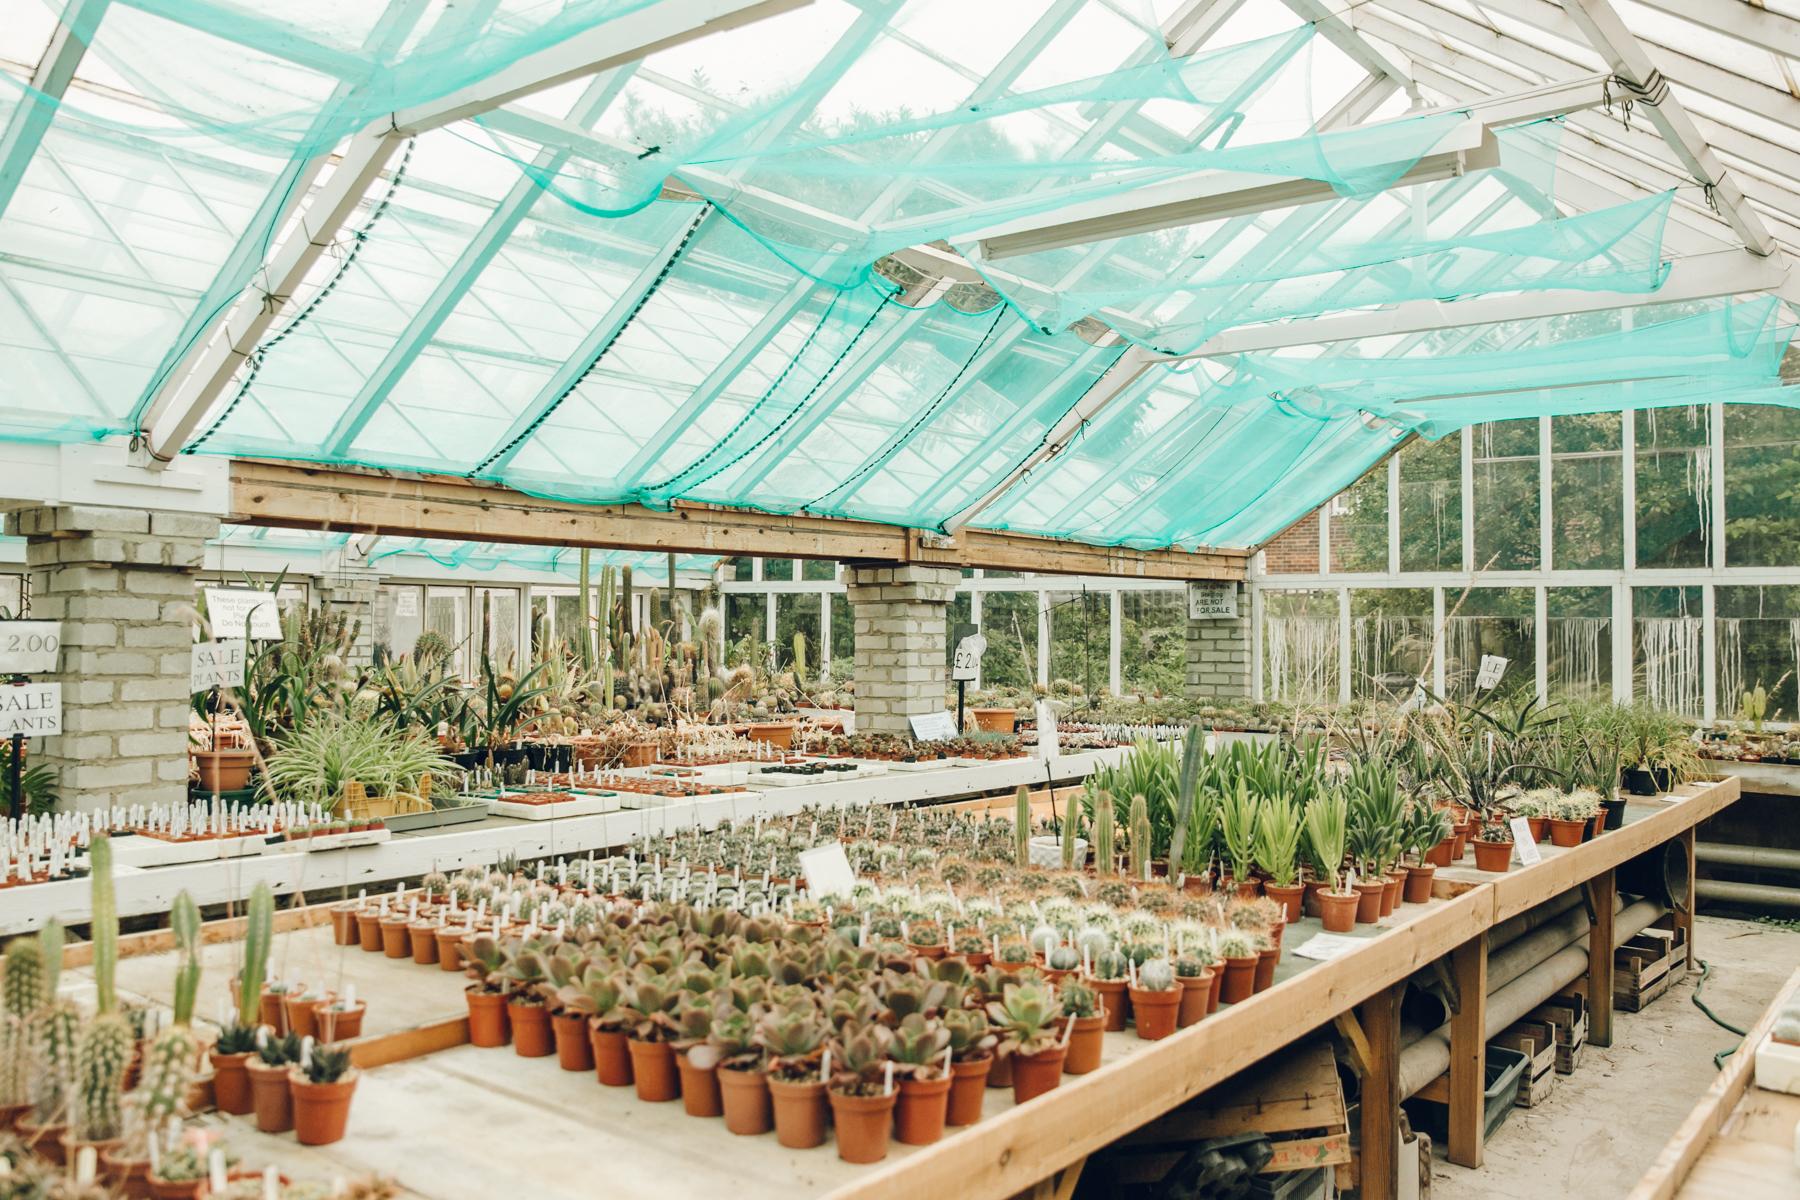 Inside a cactus nursery